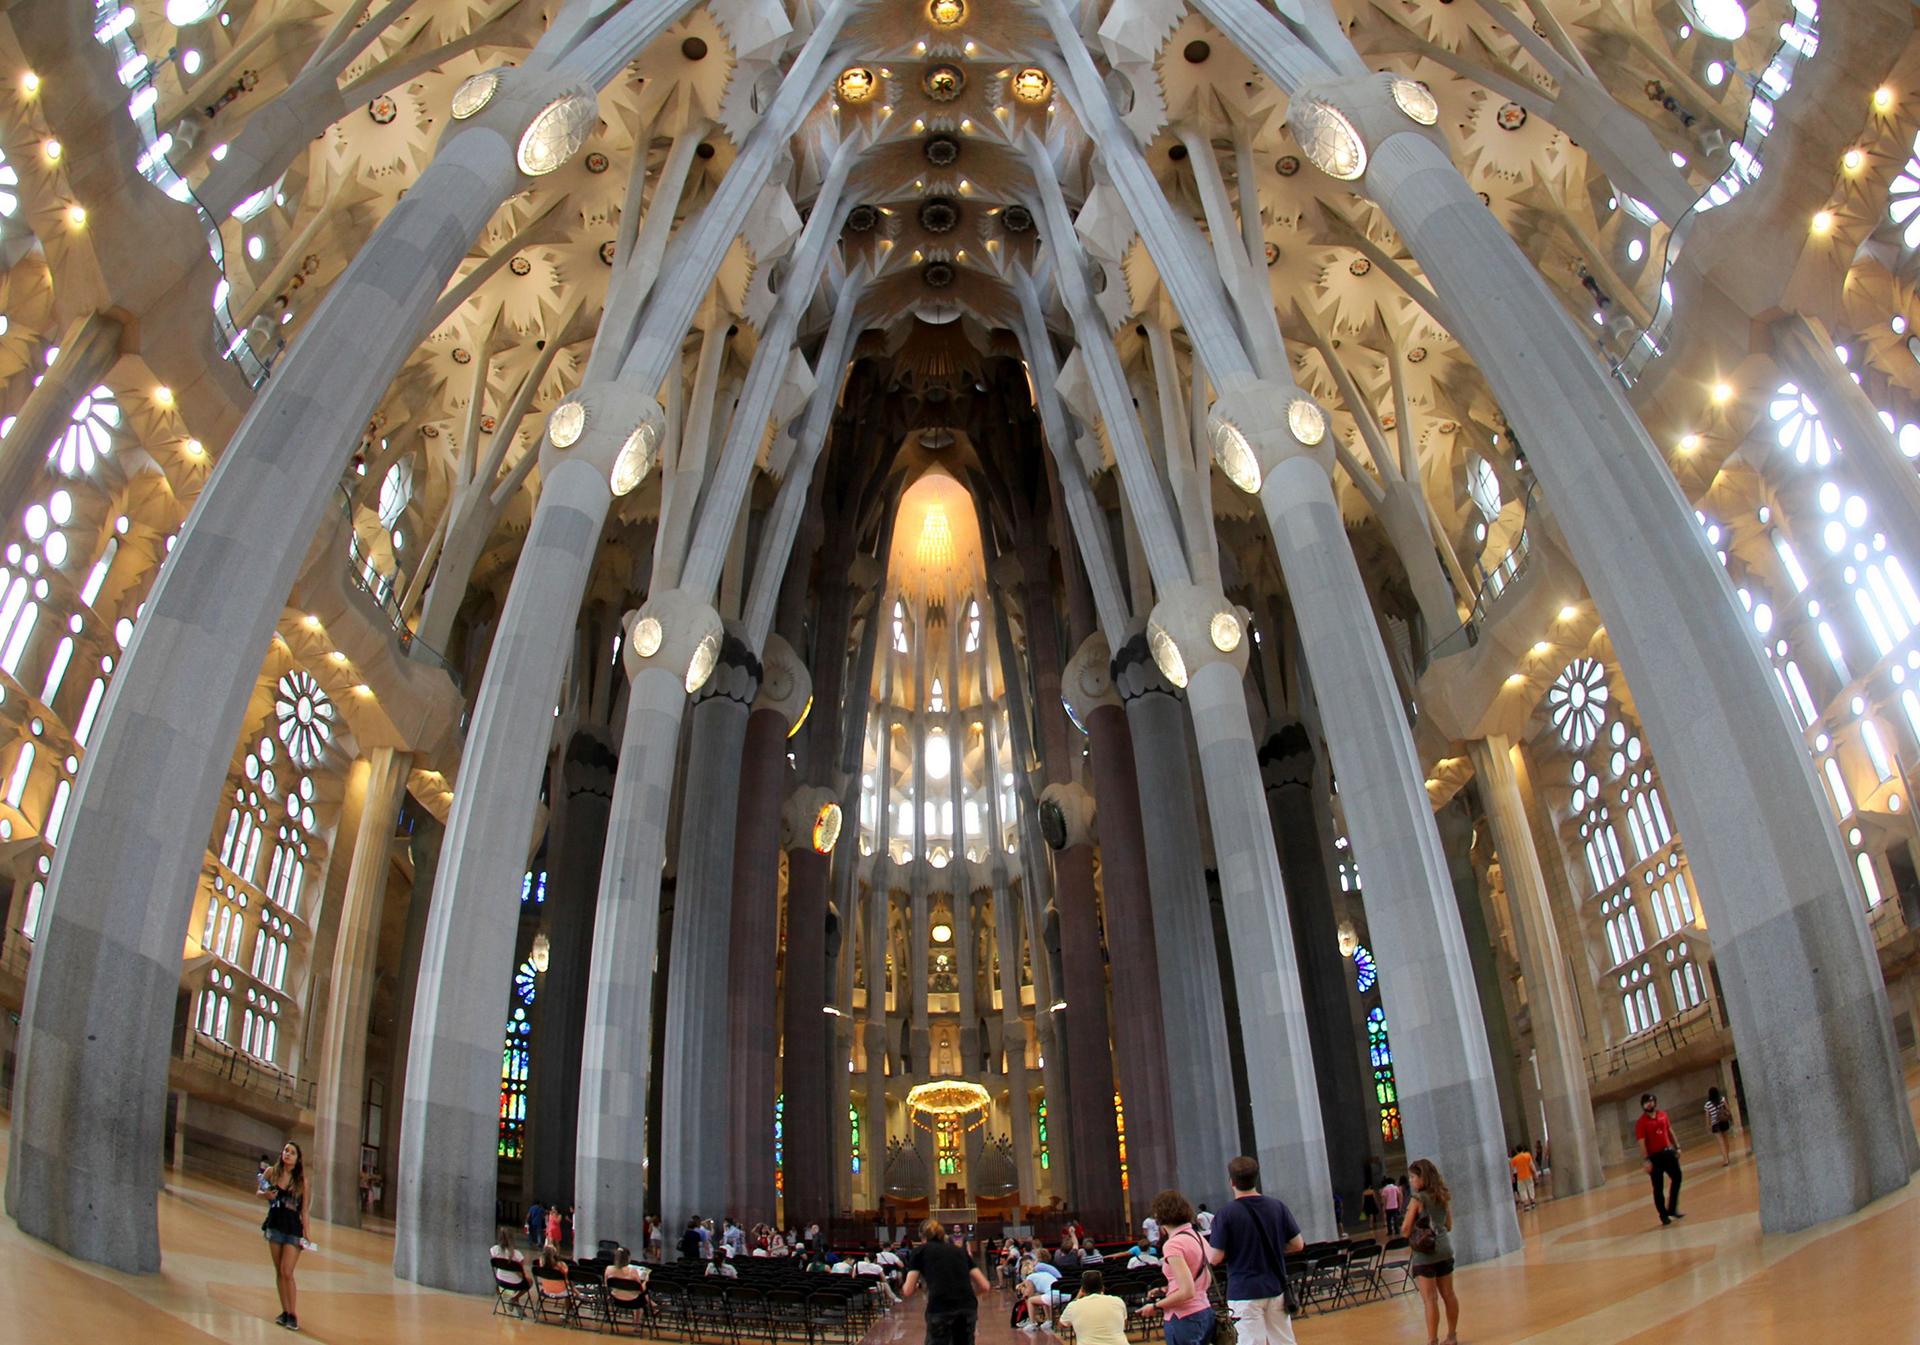 Las columnas arborescentes, además de su función estructural, reflejan la idea de Gaudí de que el interior del templo tenía que ser como un bosque que invitara a la oración, y que fuera adecuado para la celebración eucarística